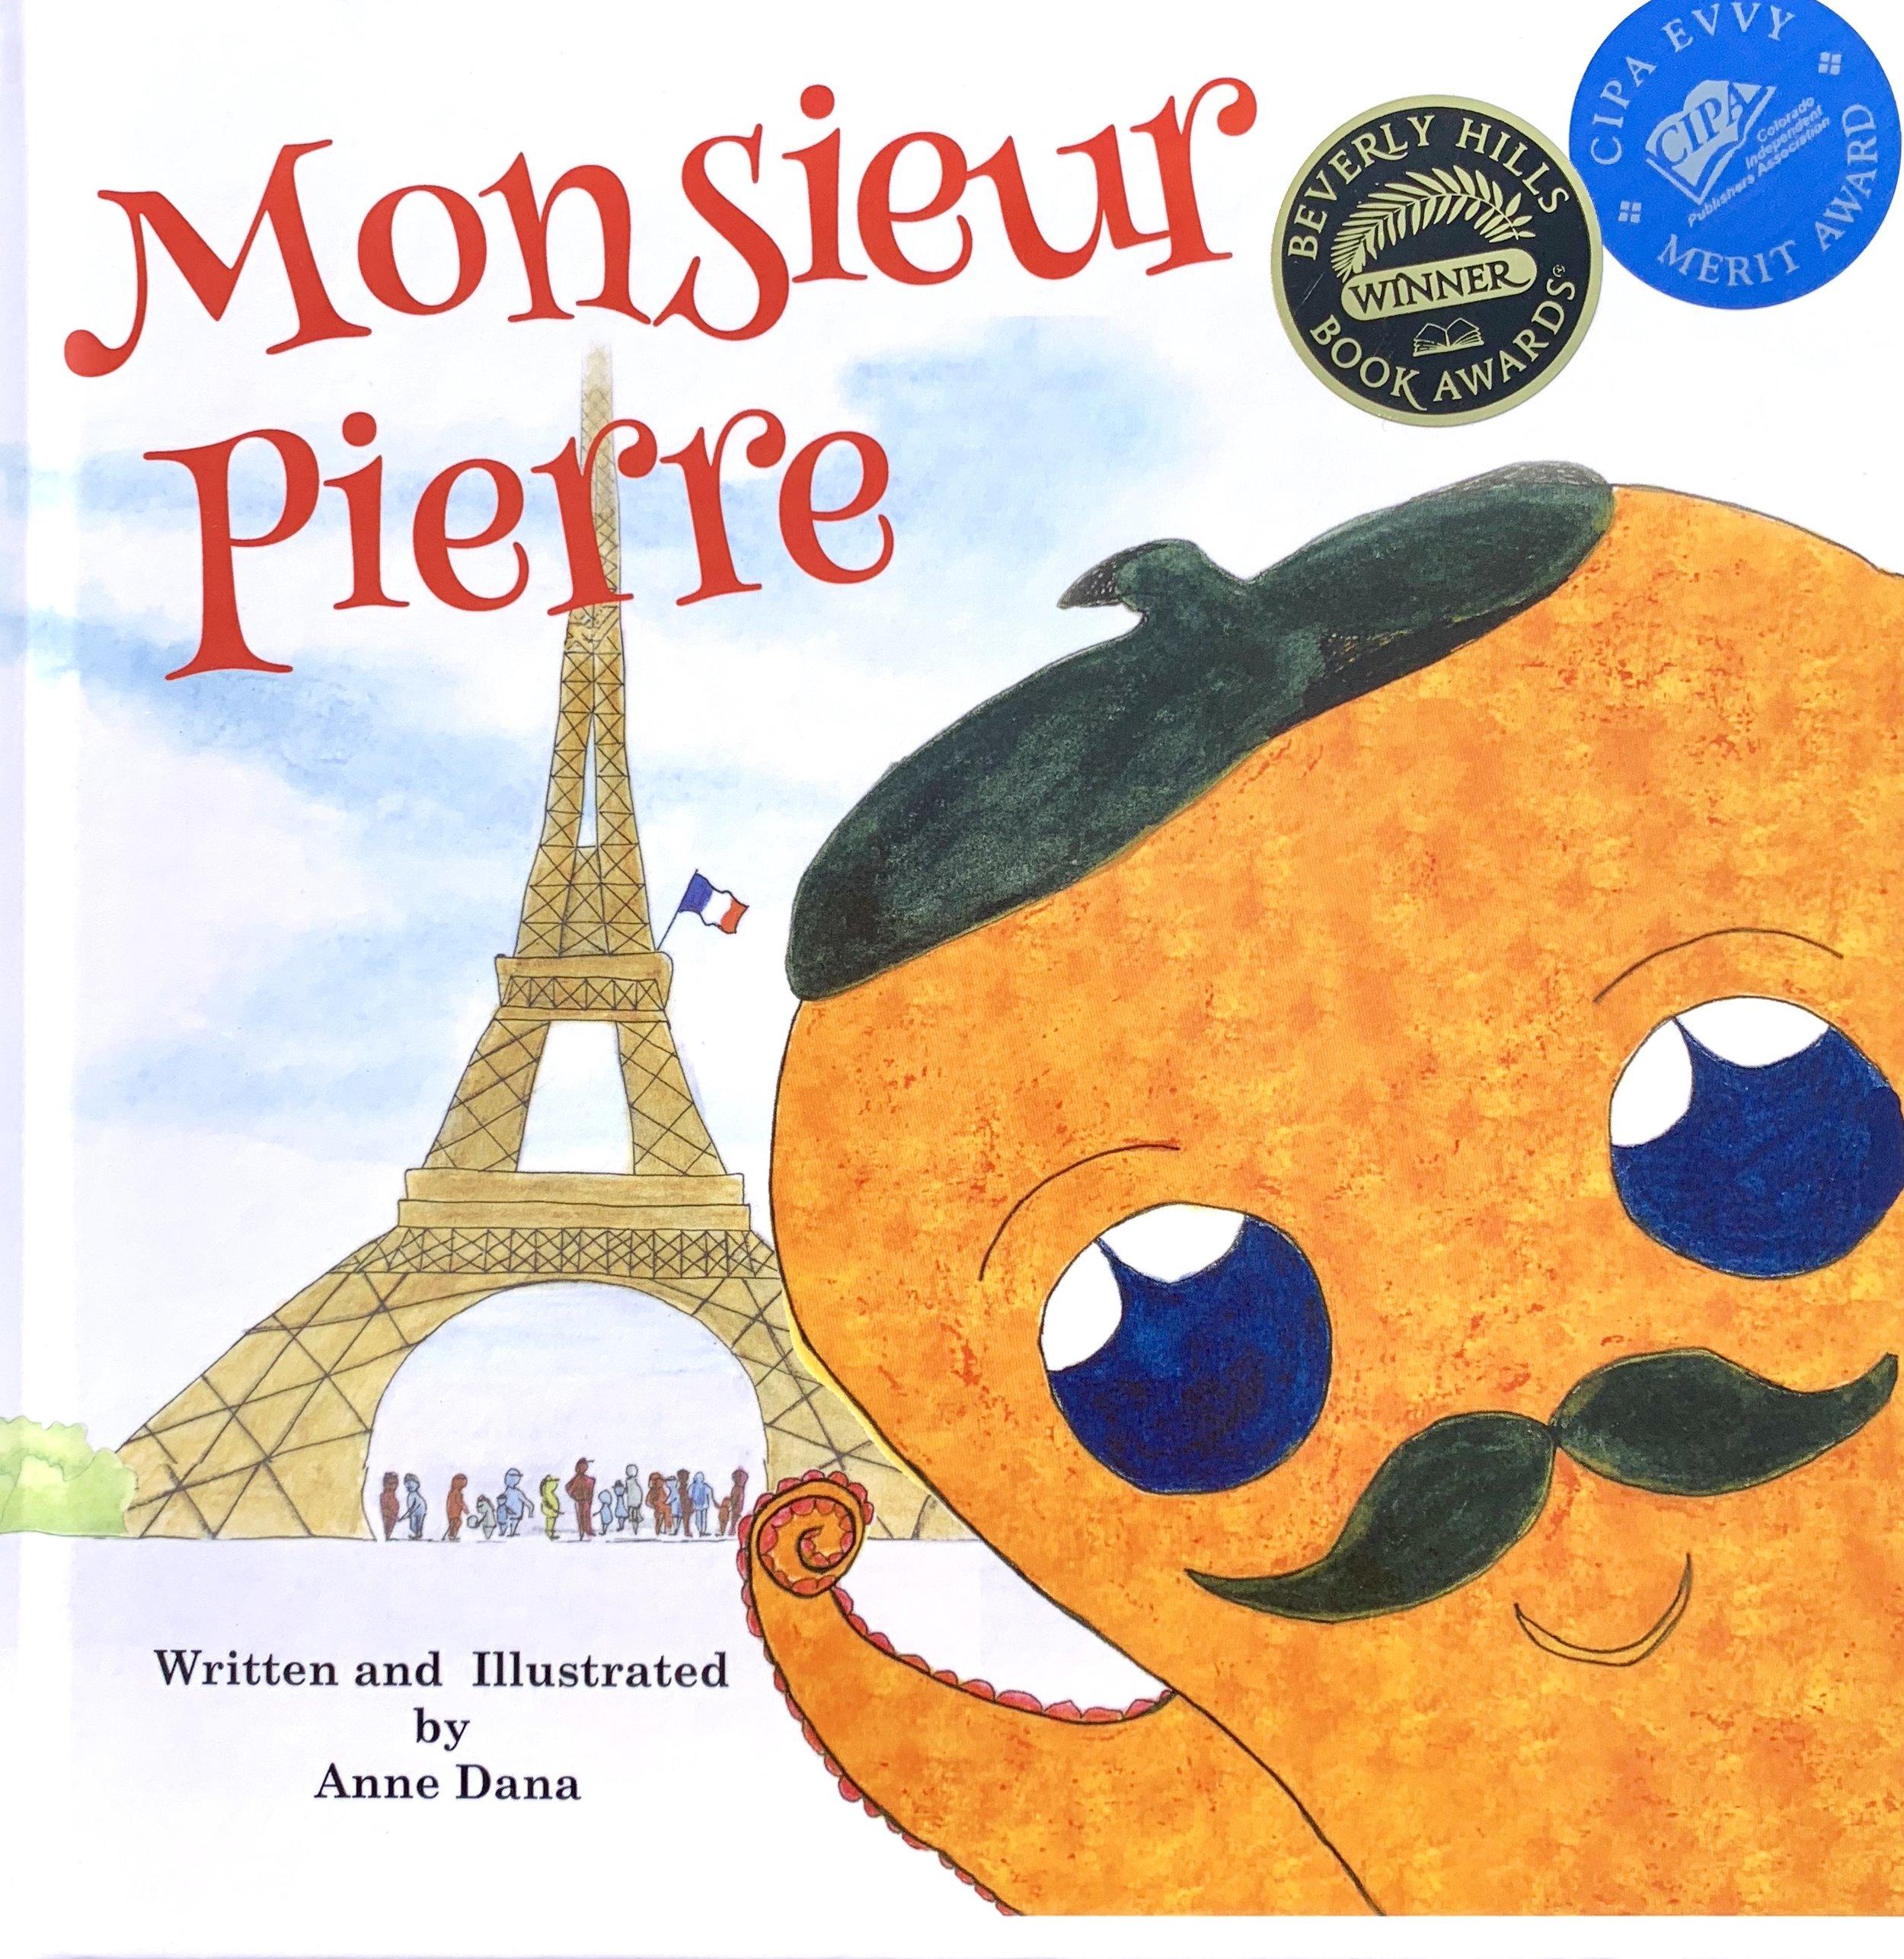 Monsieur Pierre Media Kit